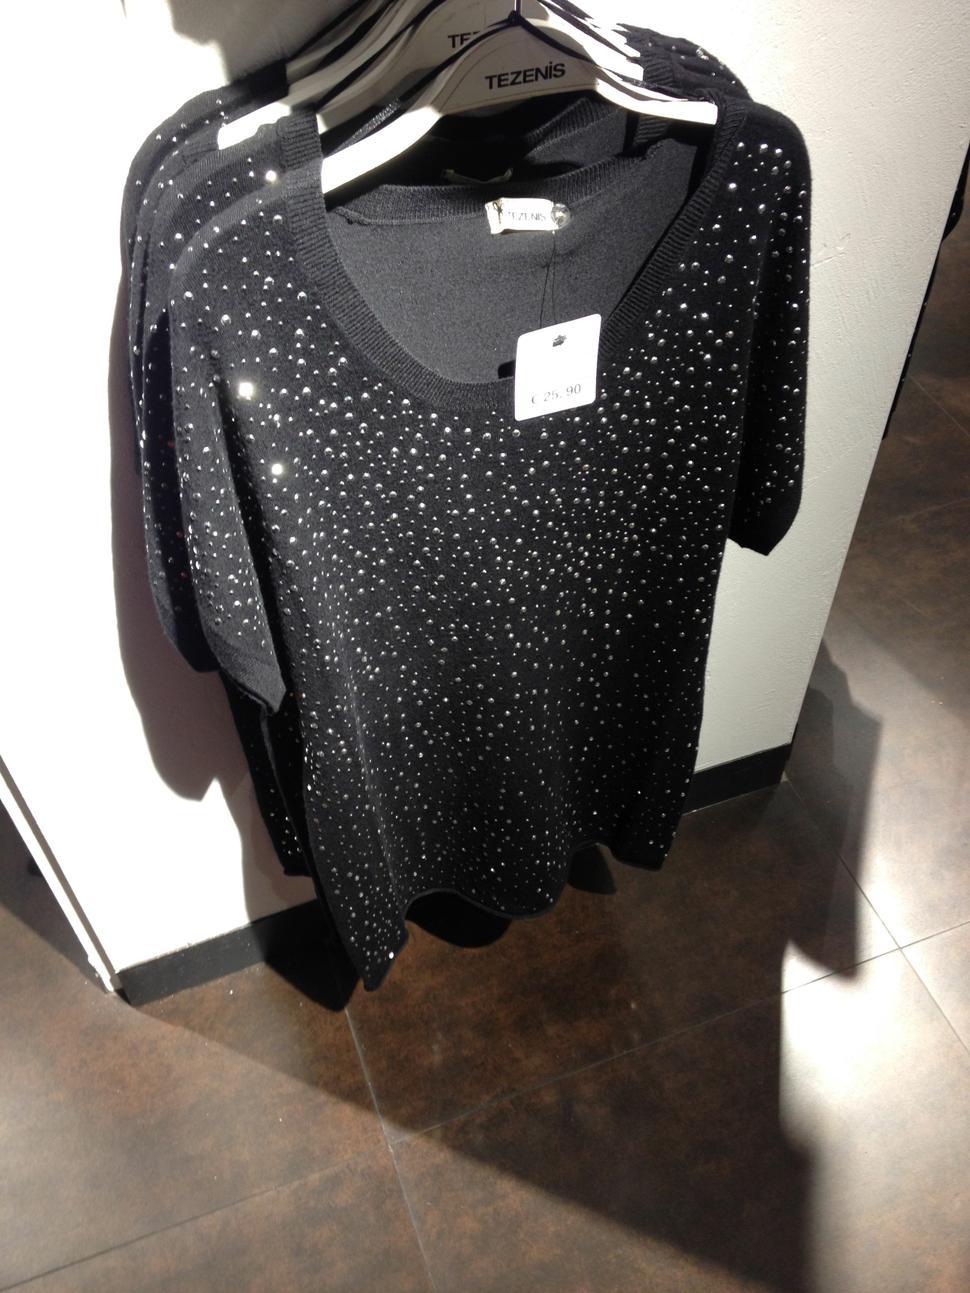 maglia nera per capodanno con strass da Tezenis